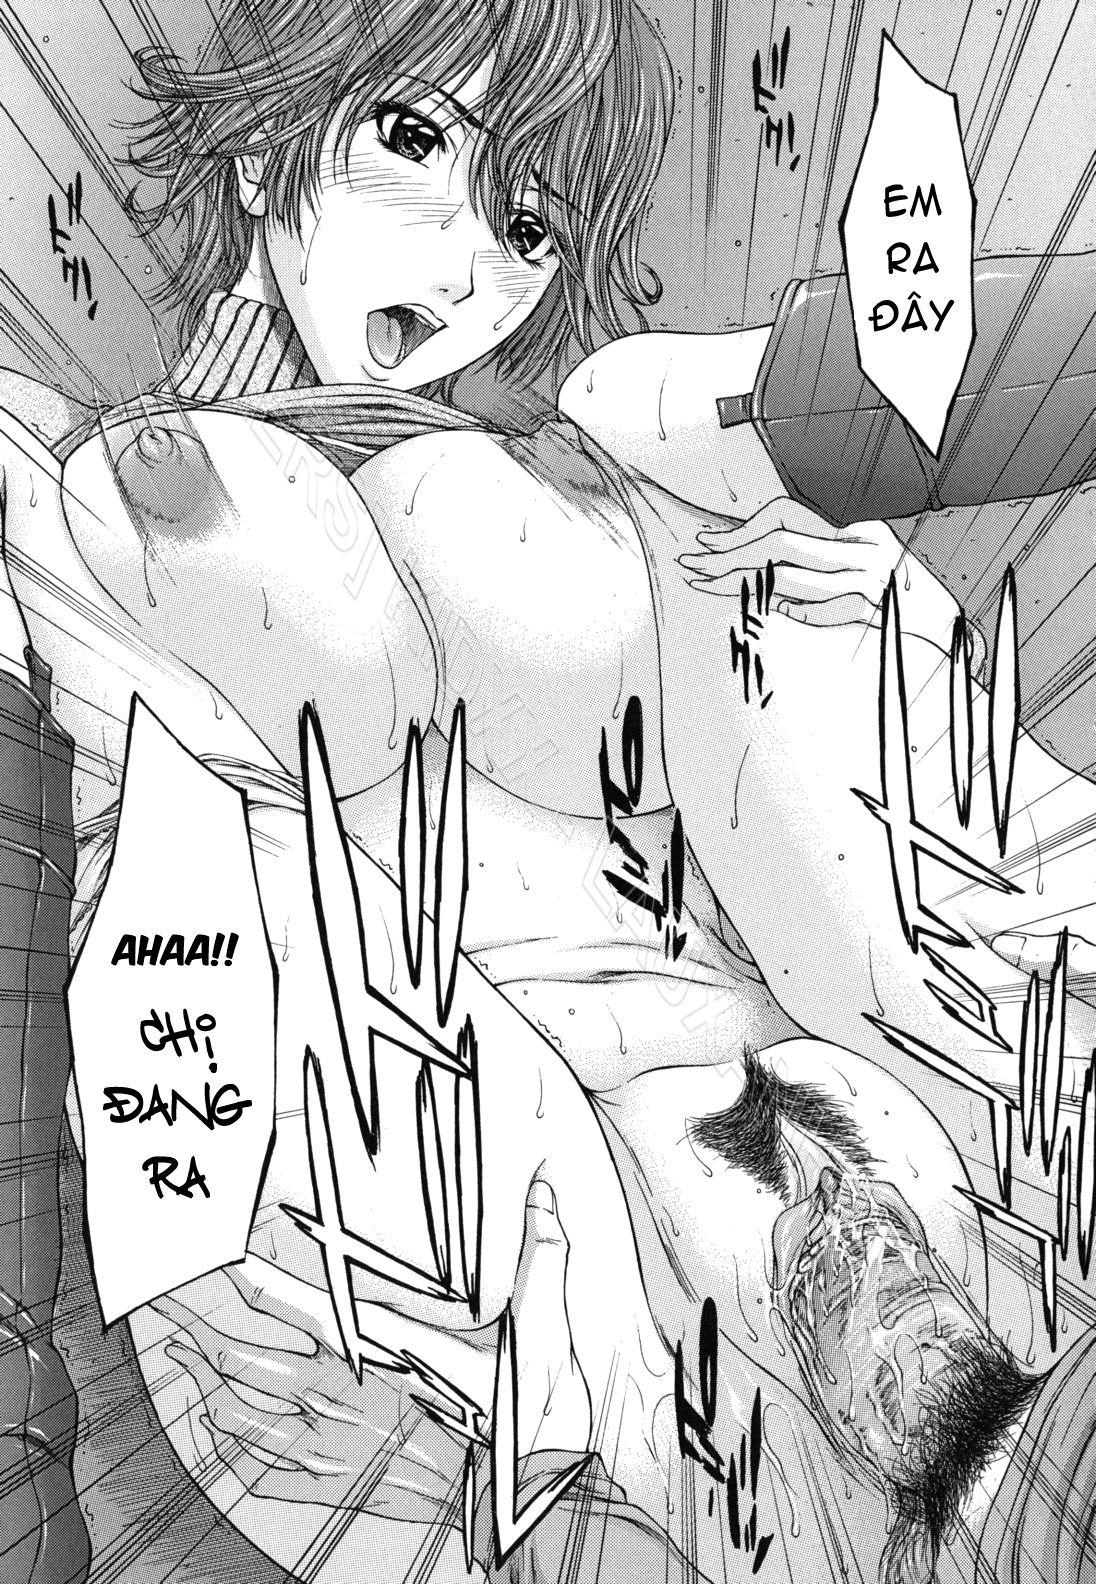 Hình ảnh nudity www.hentairules.net 216%2Bcopy in Nong lồn em ra đi anh